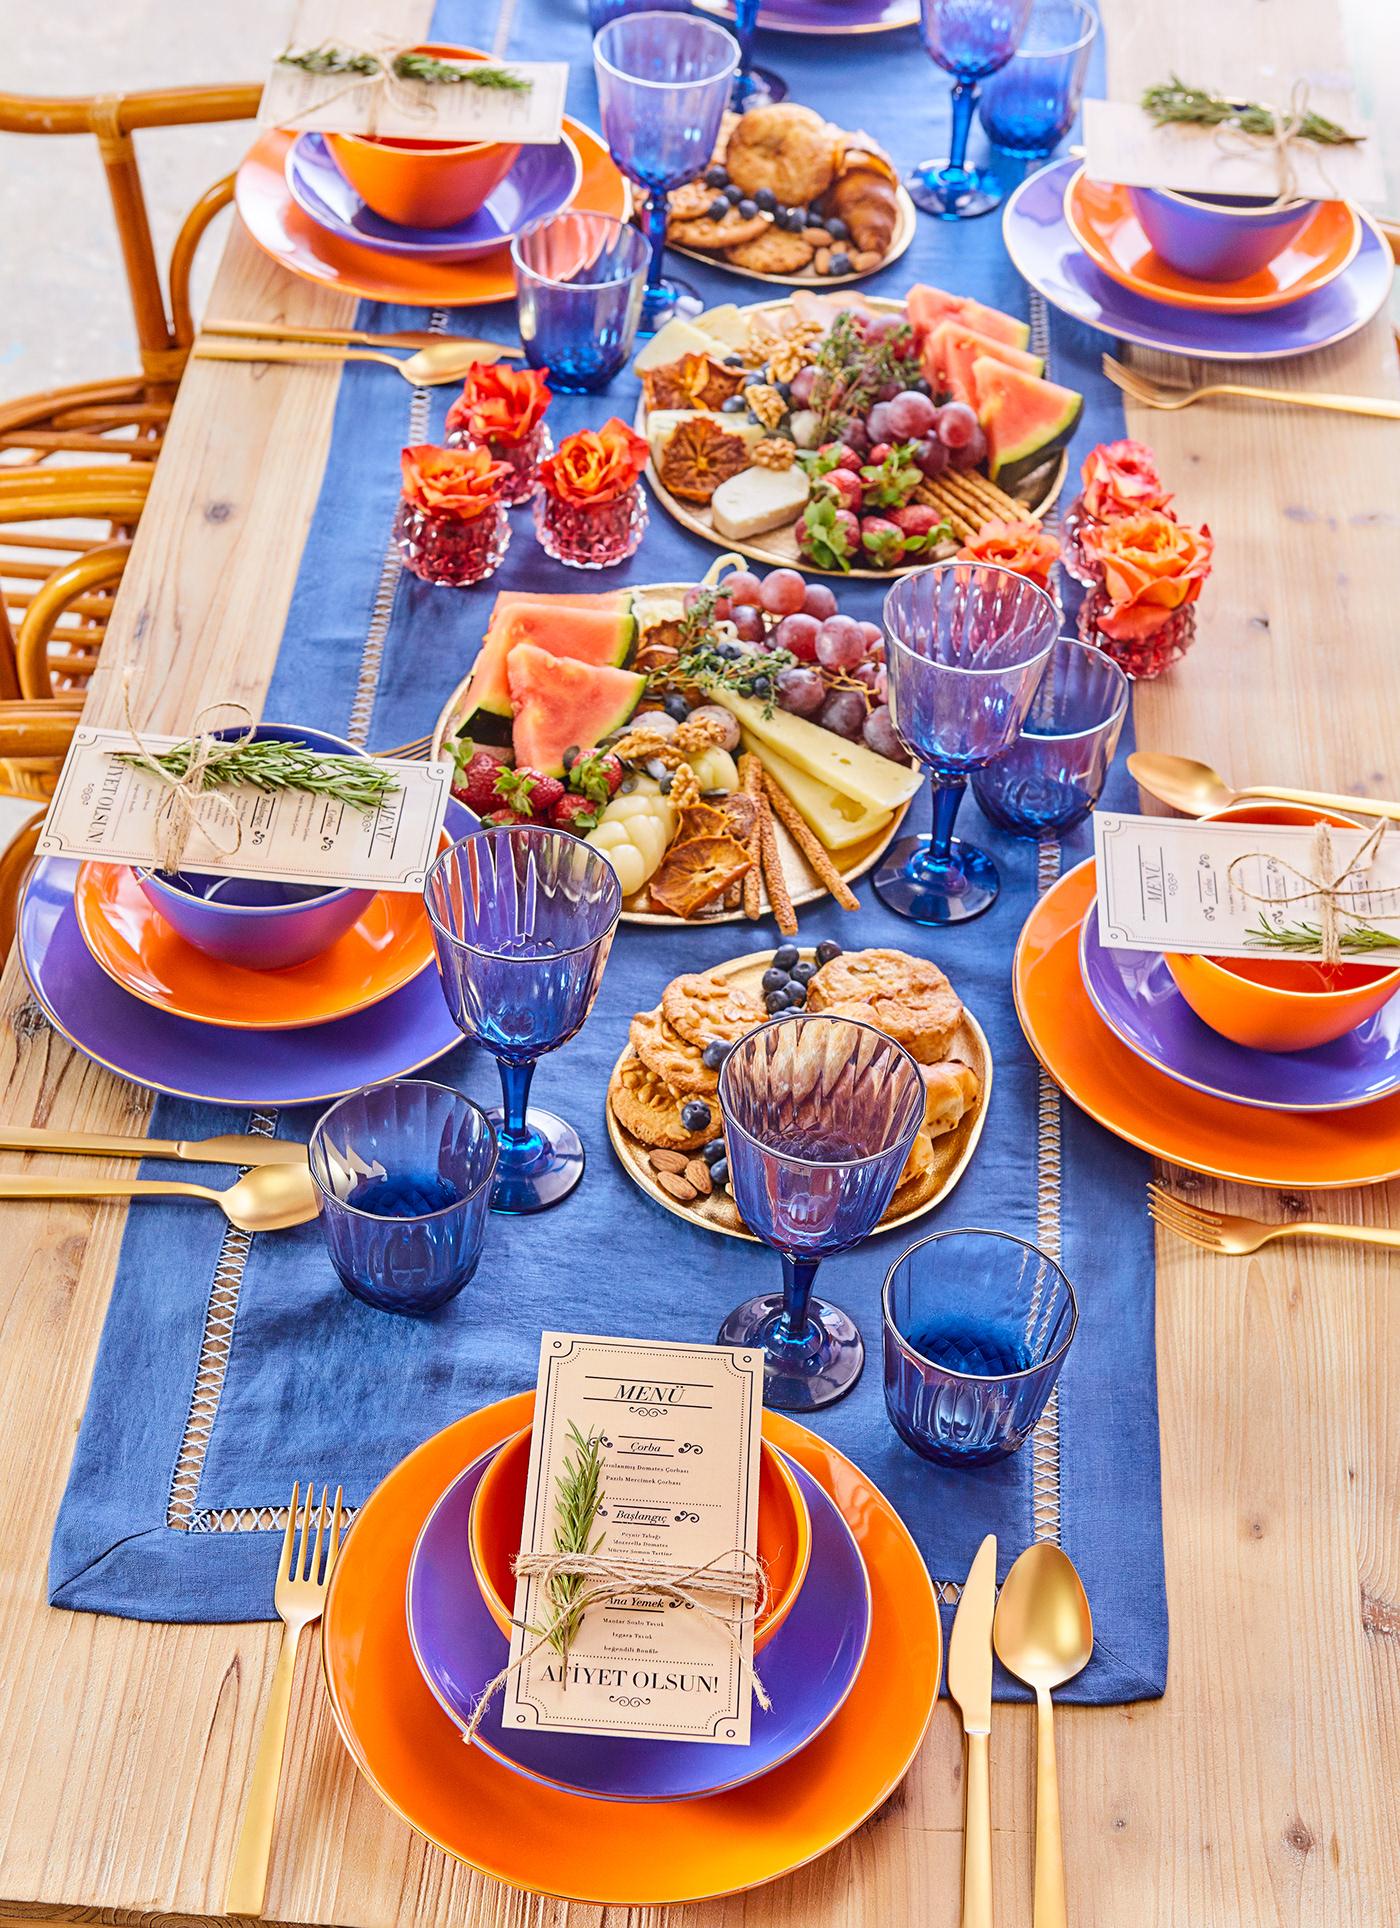 masa masa düzeni table yemek takımı